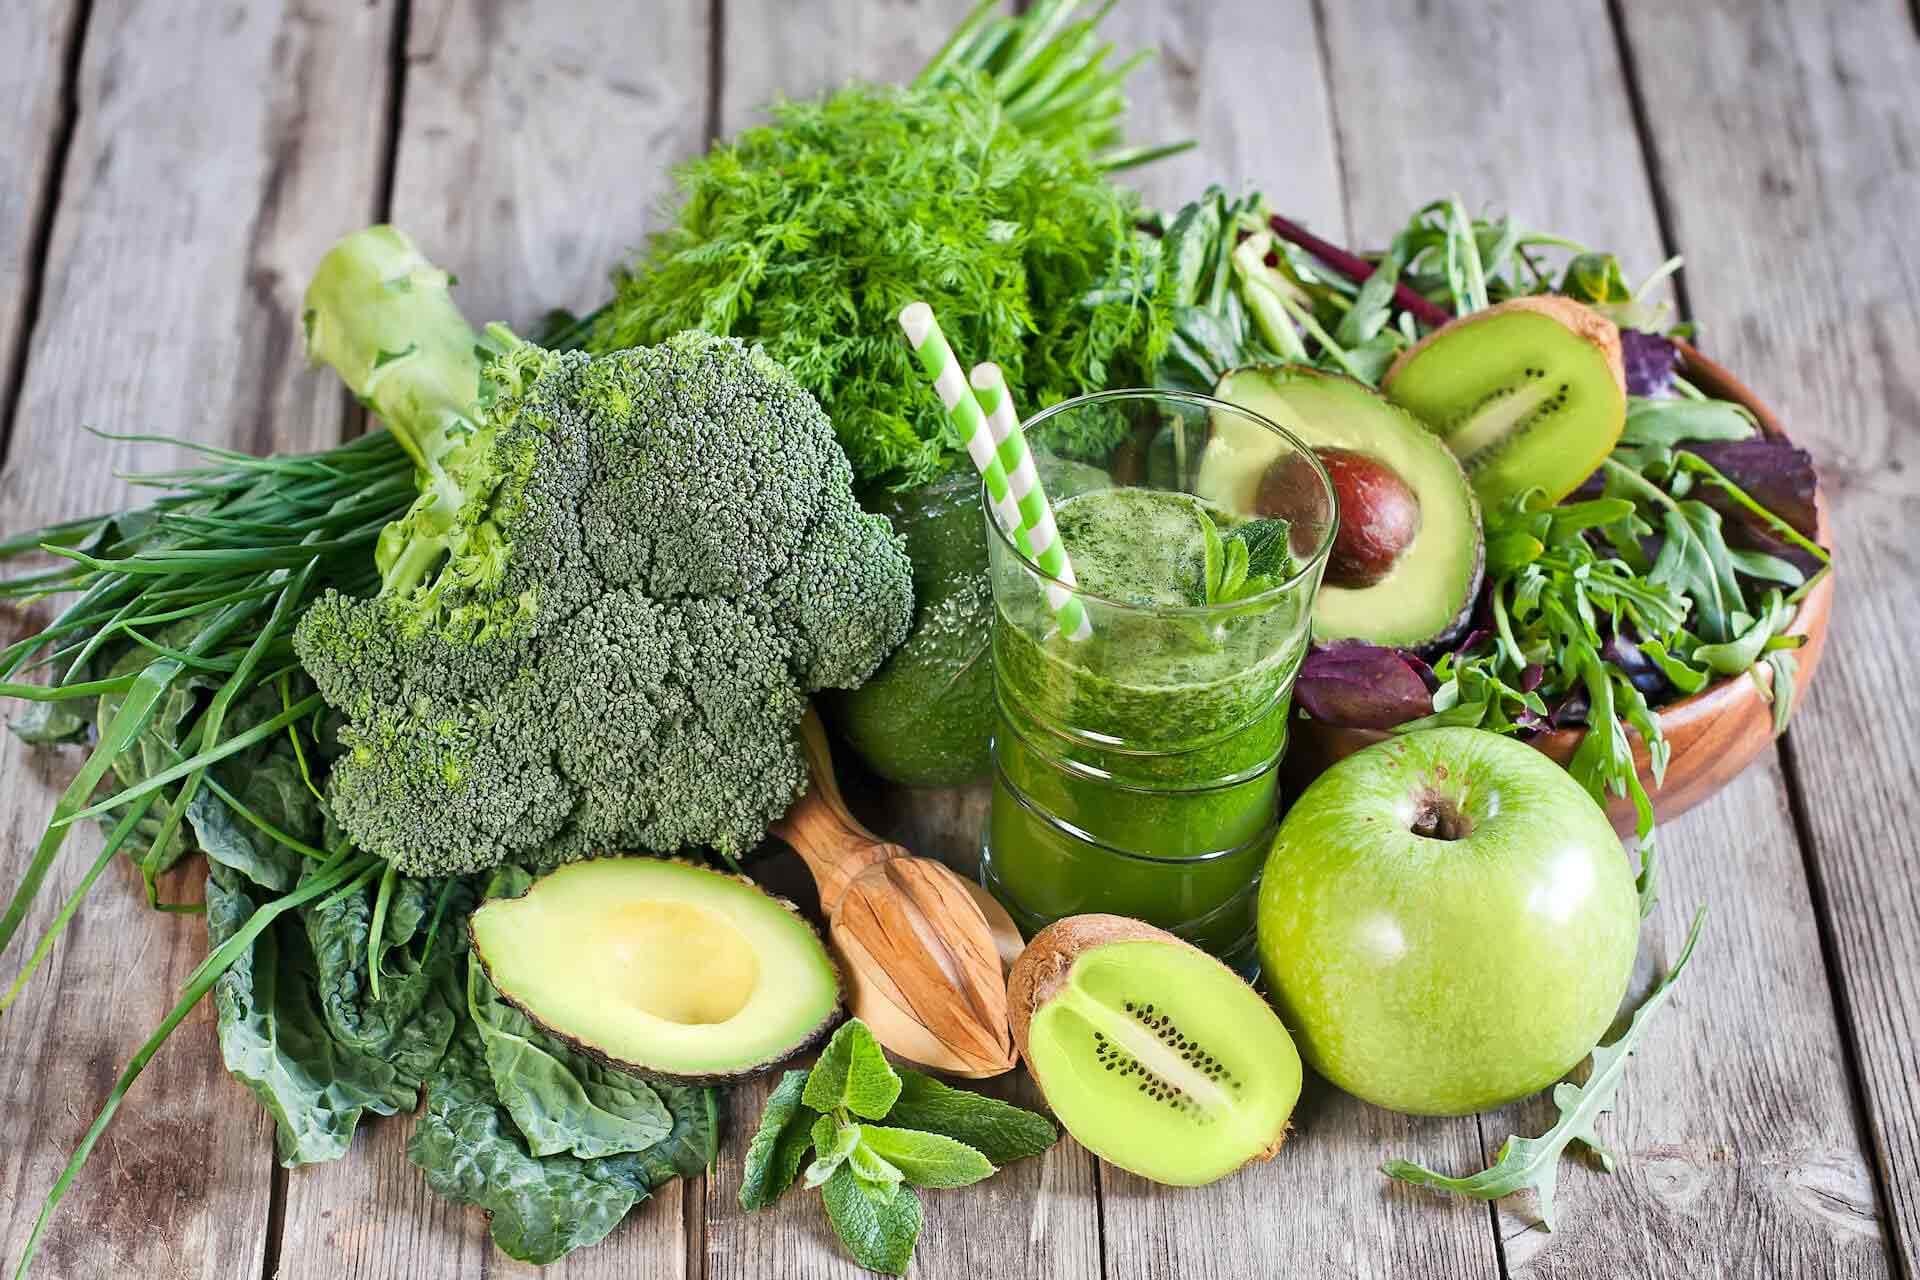 Fitosalus centar, fitoterapija, aromaterapija, prirodno liječenje, zdrava prehrana, povrće